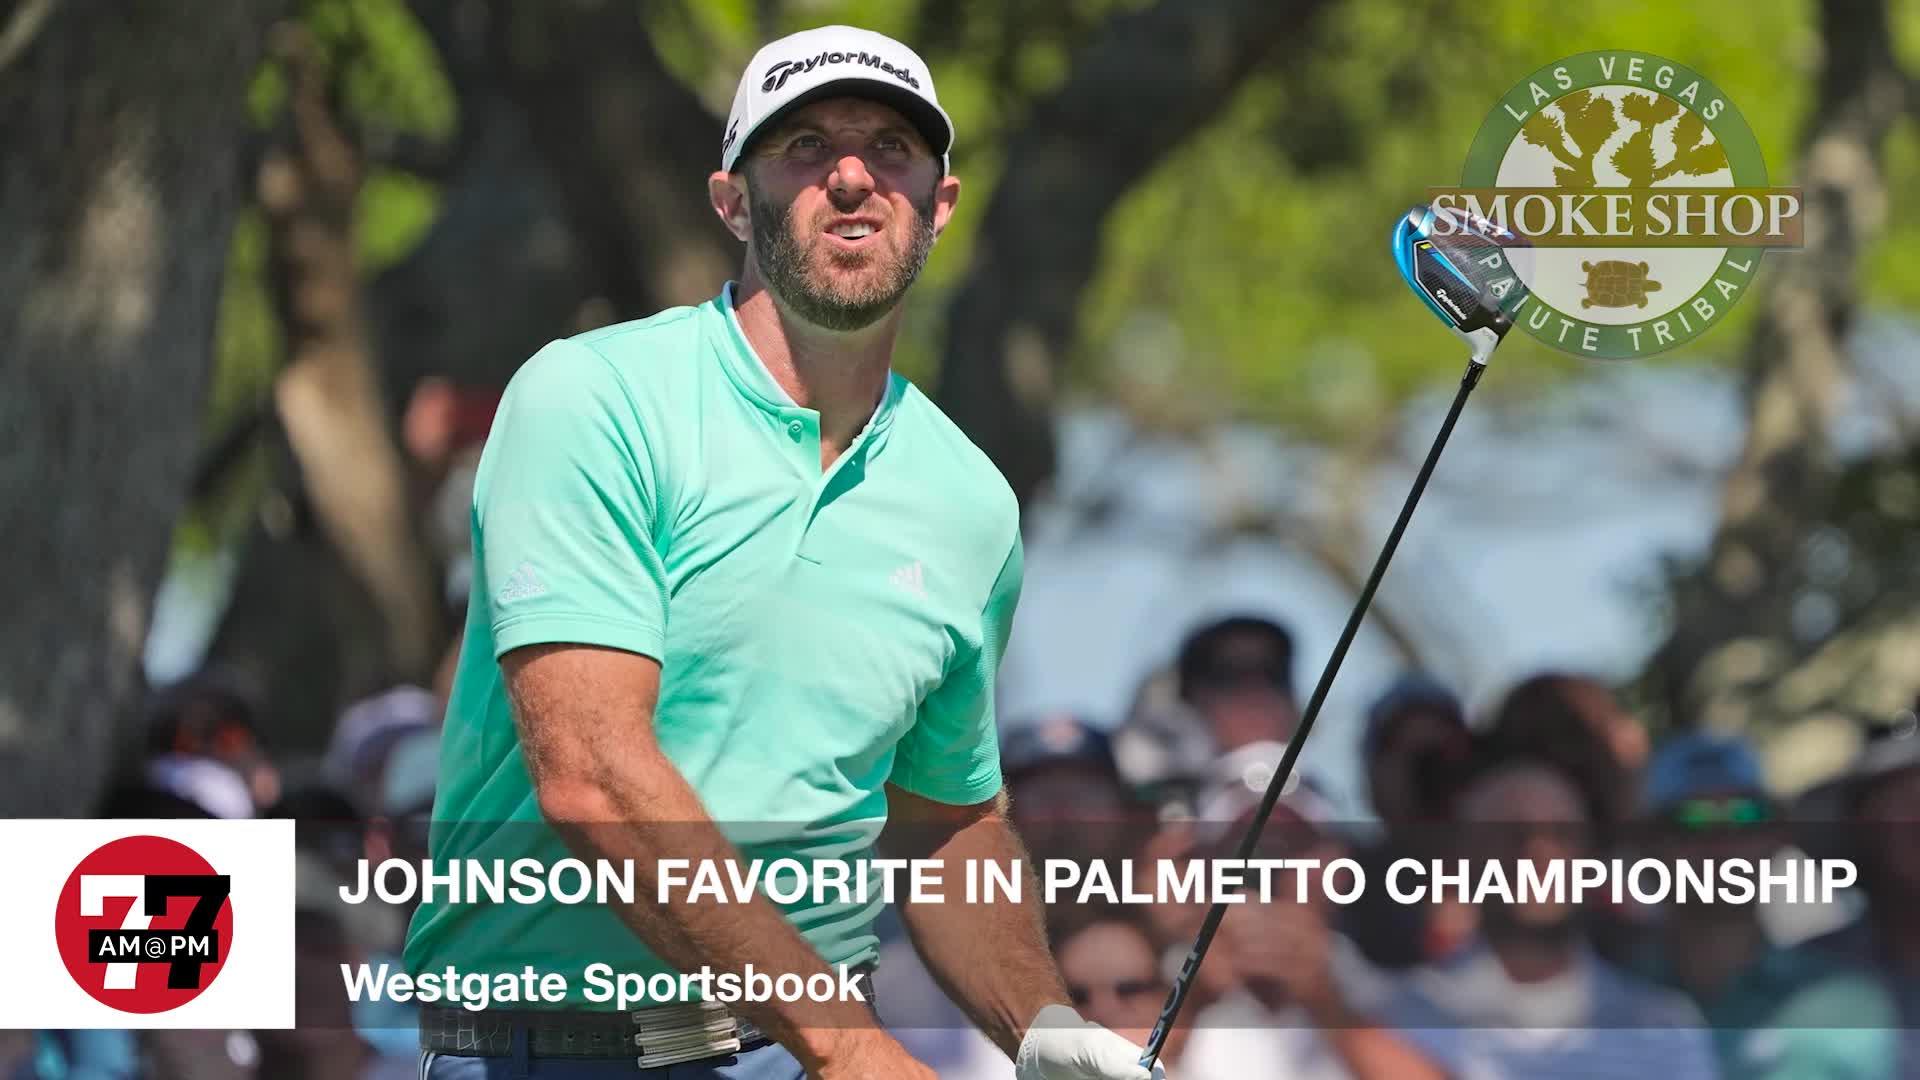 7@7PM Johnson Favorite in Palmetto Championship